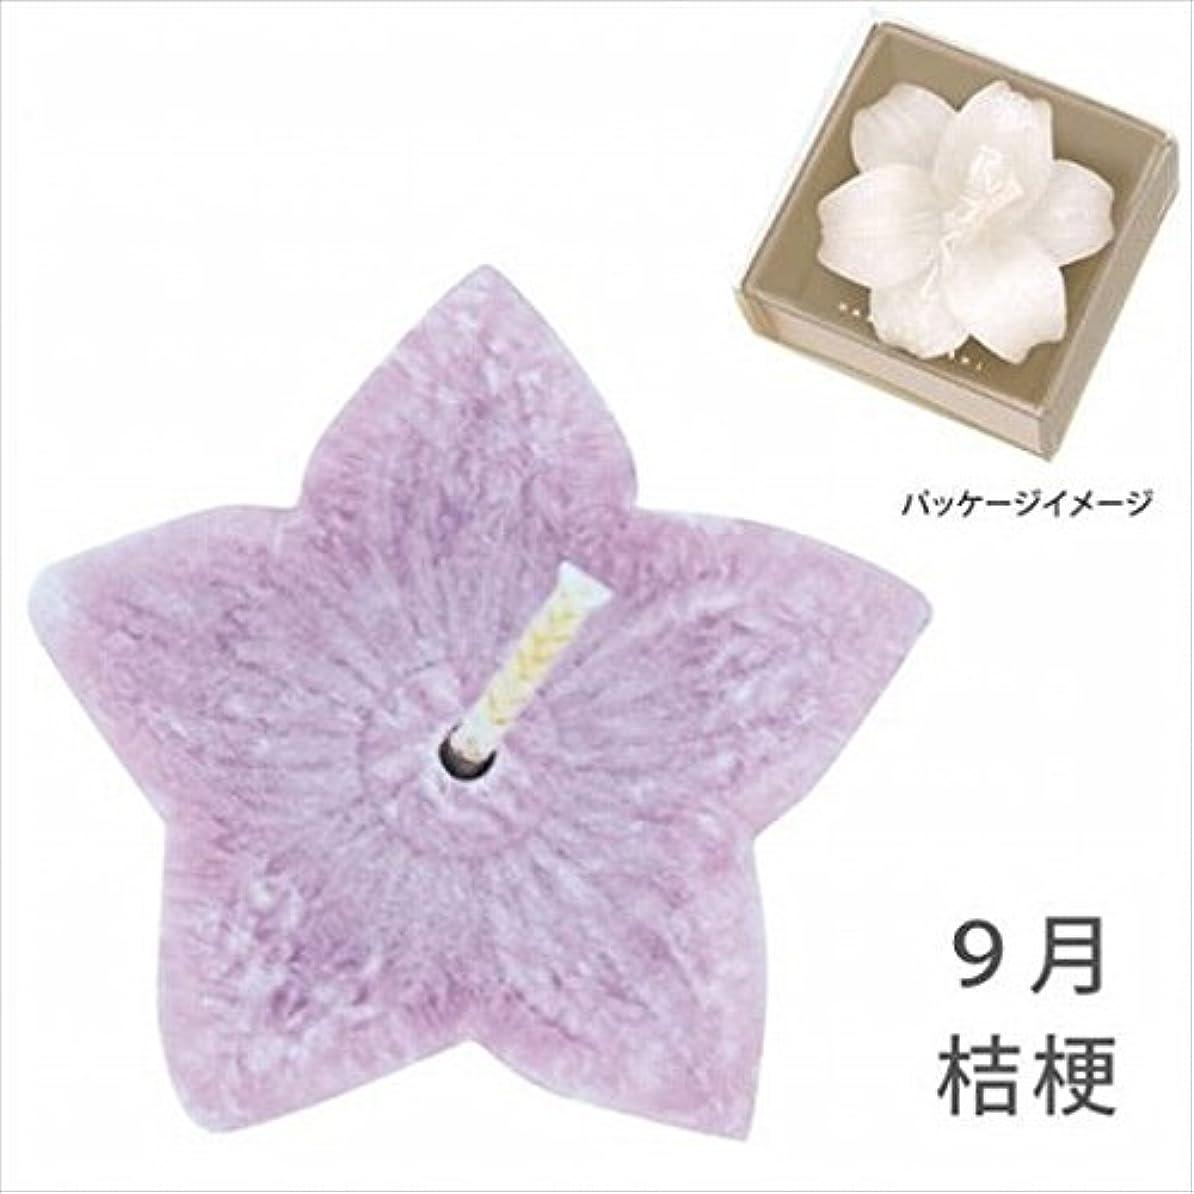 意味するに負ける瀬戸際kameyama candle(カメヤマキャンドル) 花づくし(植物性) 桔梗 「 桔梗(9月) 」 キャンドル(A4620510)